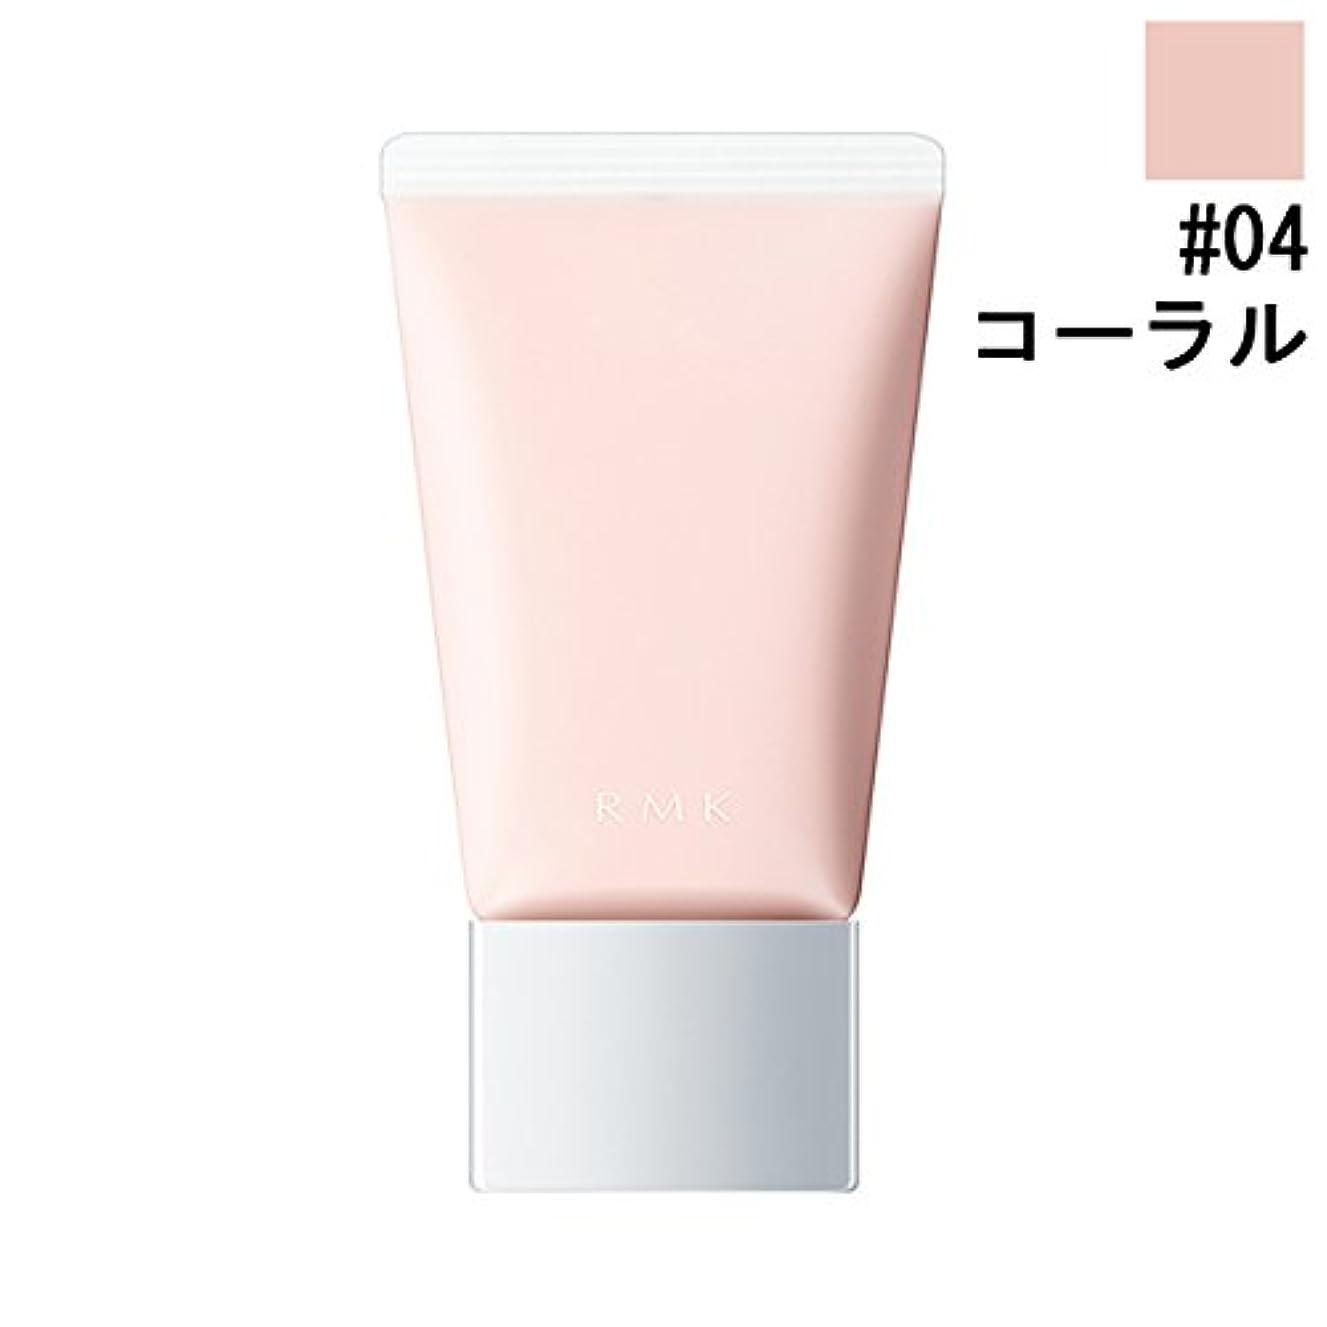 【RMK (ルミコ)】ベーシック コントロールカラー N #04 コーラル 30g